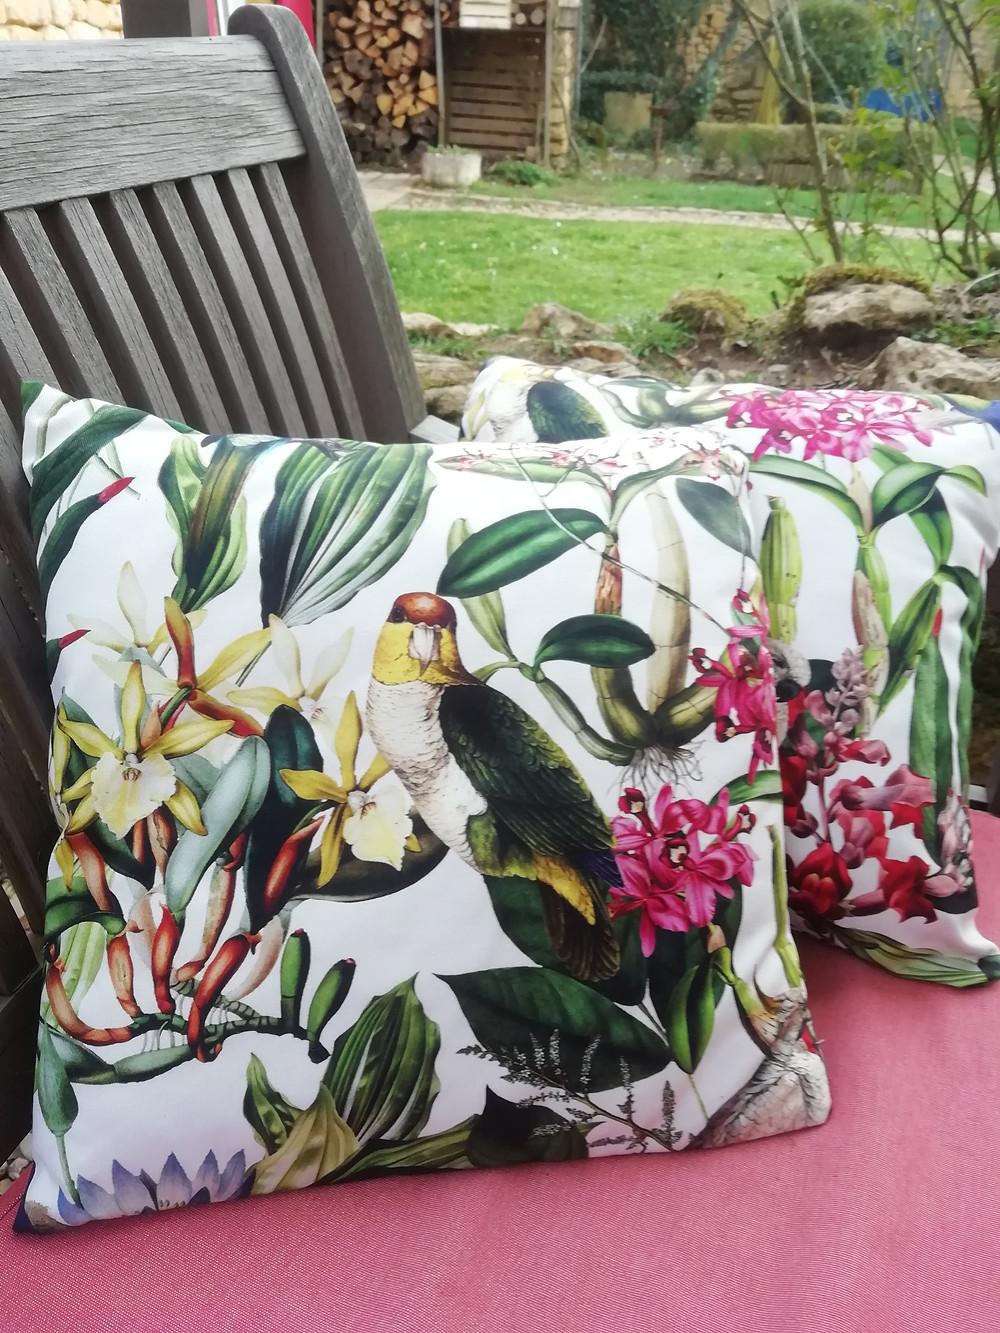 relooking des coussins de la terrasse d'été